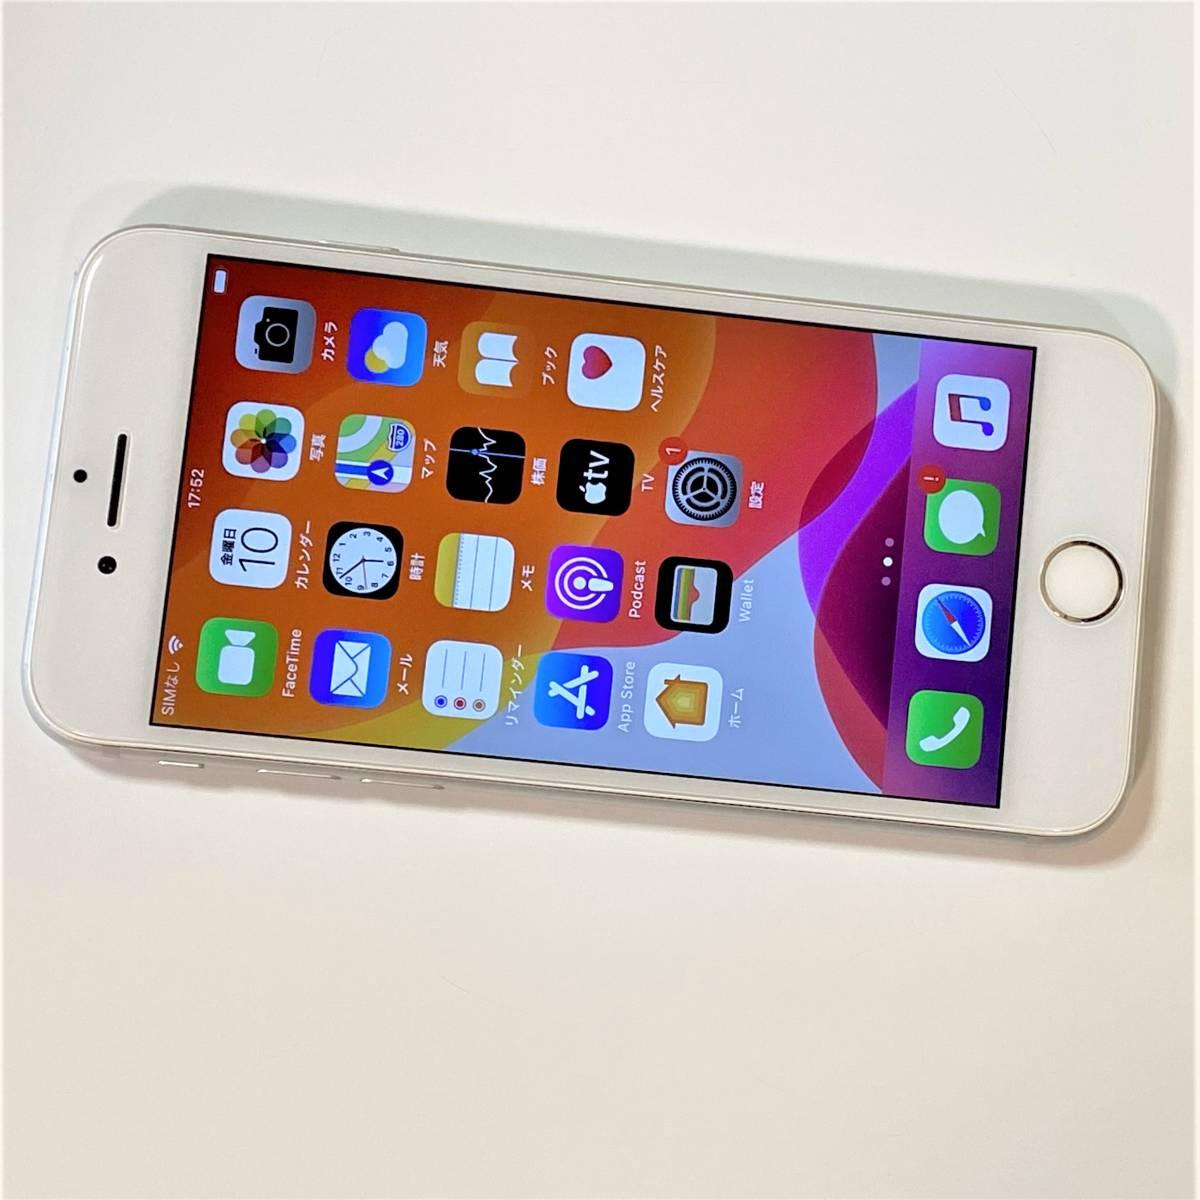 SIMフリー iPhone 8 シルバー 64GB MQ792J/A バッテリー最大容量91% docomo 格安SIM MVNO 海外利用可能 アクティベーションロック解除済